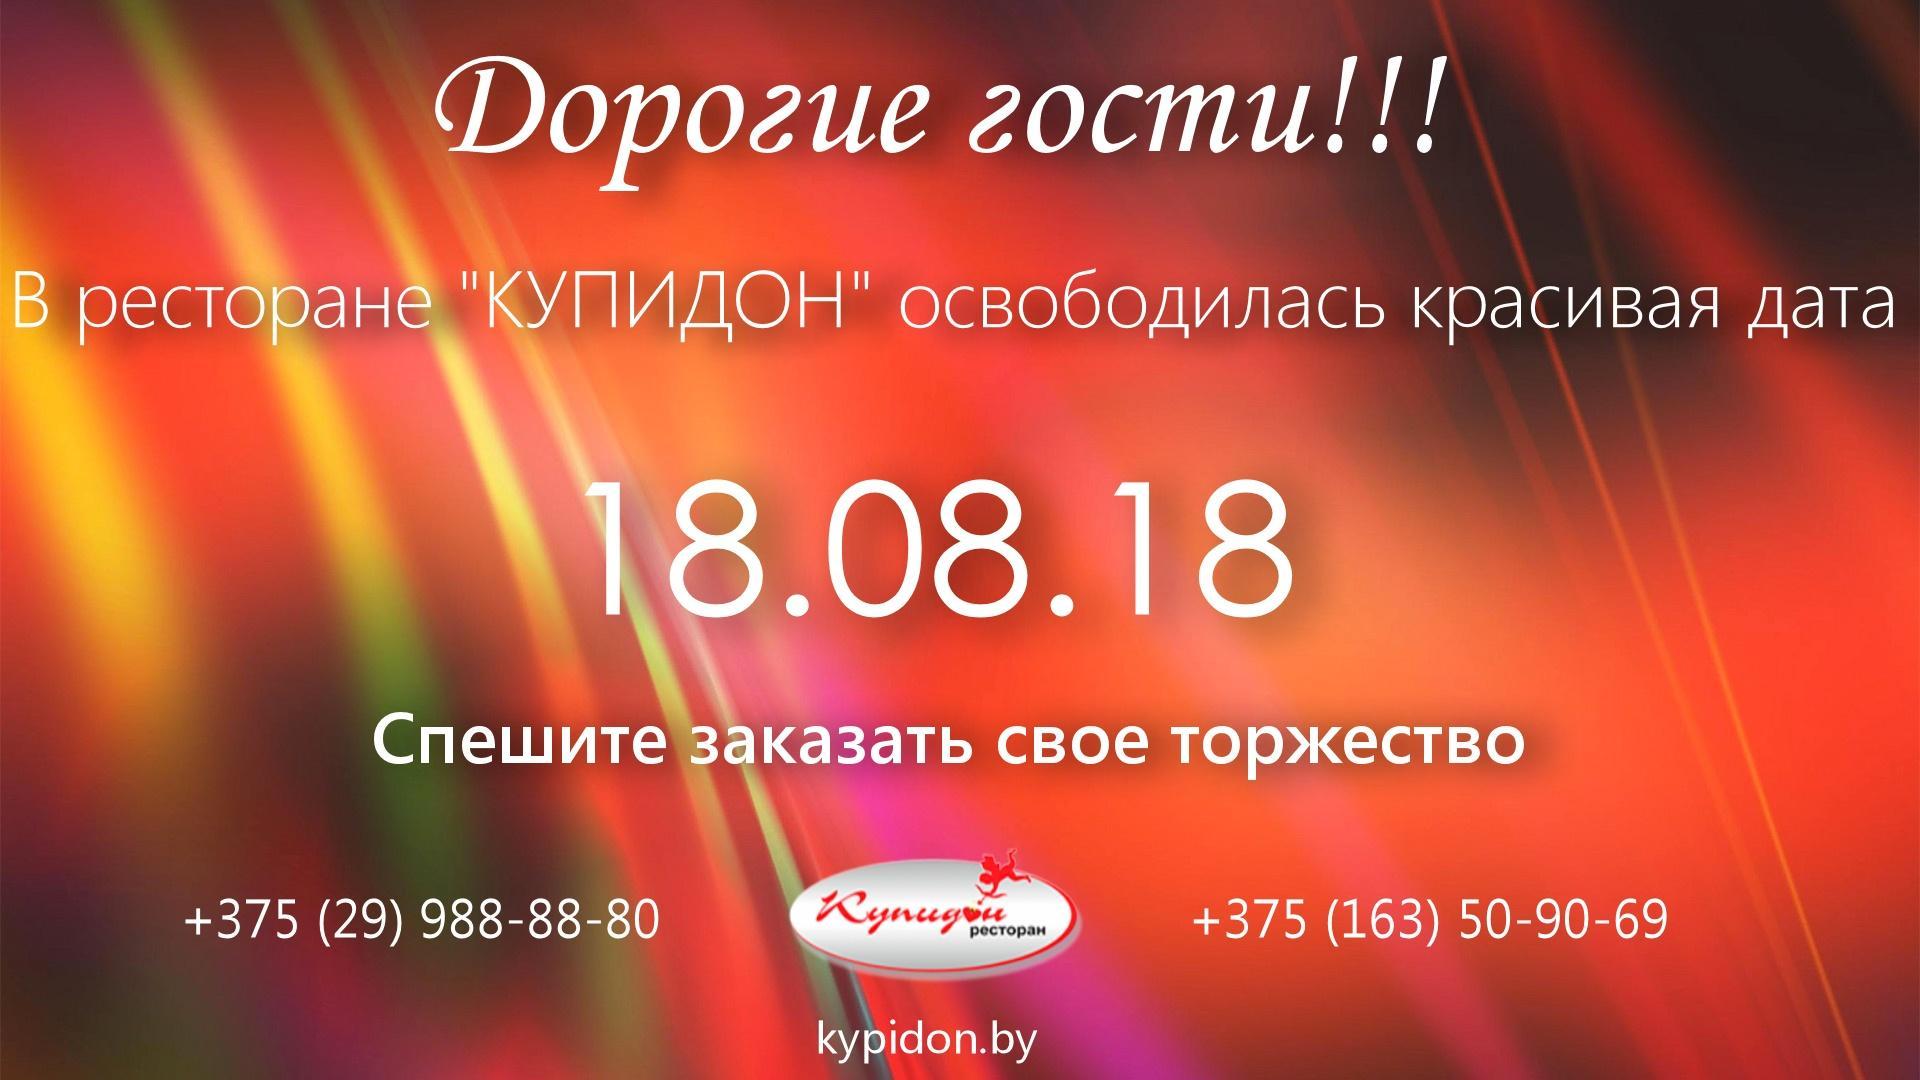 СВОБОДНАЯ ДАТА ДЛЯ ВАШЕЙ СВАДЬБЫ 18.08.18